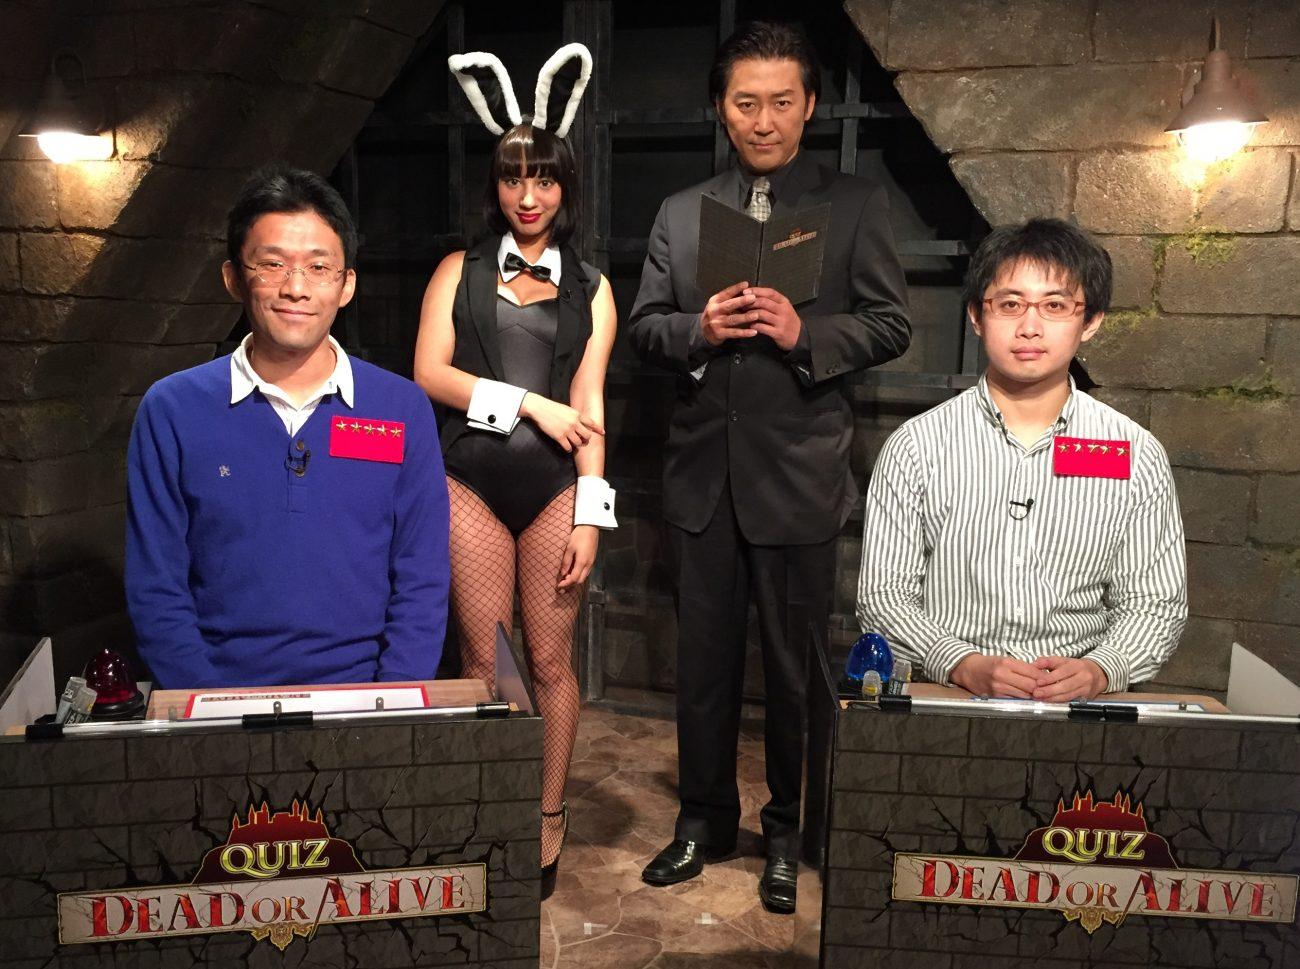 QUIZ JAPAN TVのオリジナルクイズ番組「QUIZ DEAD OR ALIVE」#23は松尾VS徳久の準決勝戦!